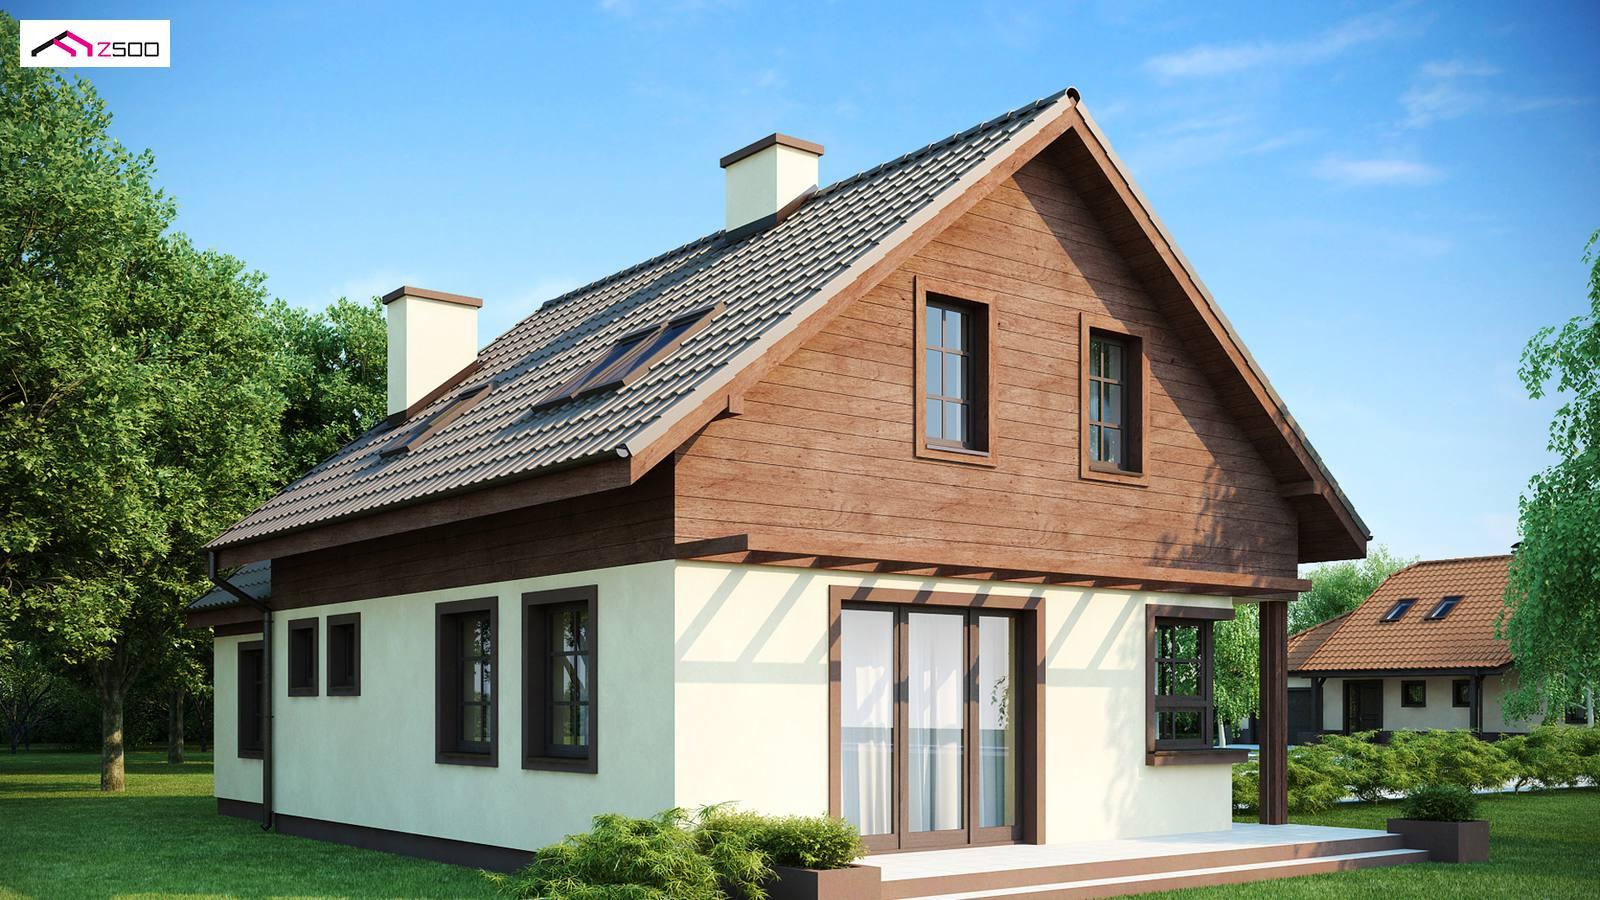 tanie domy z drewna całoroczne